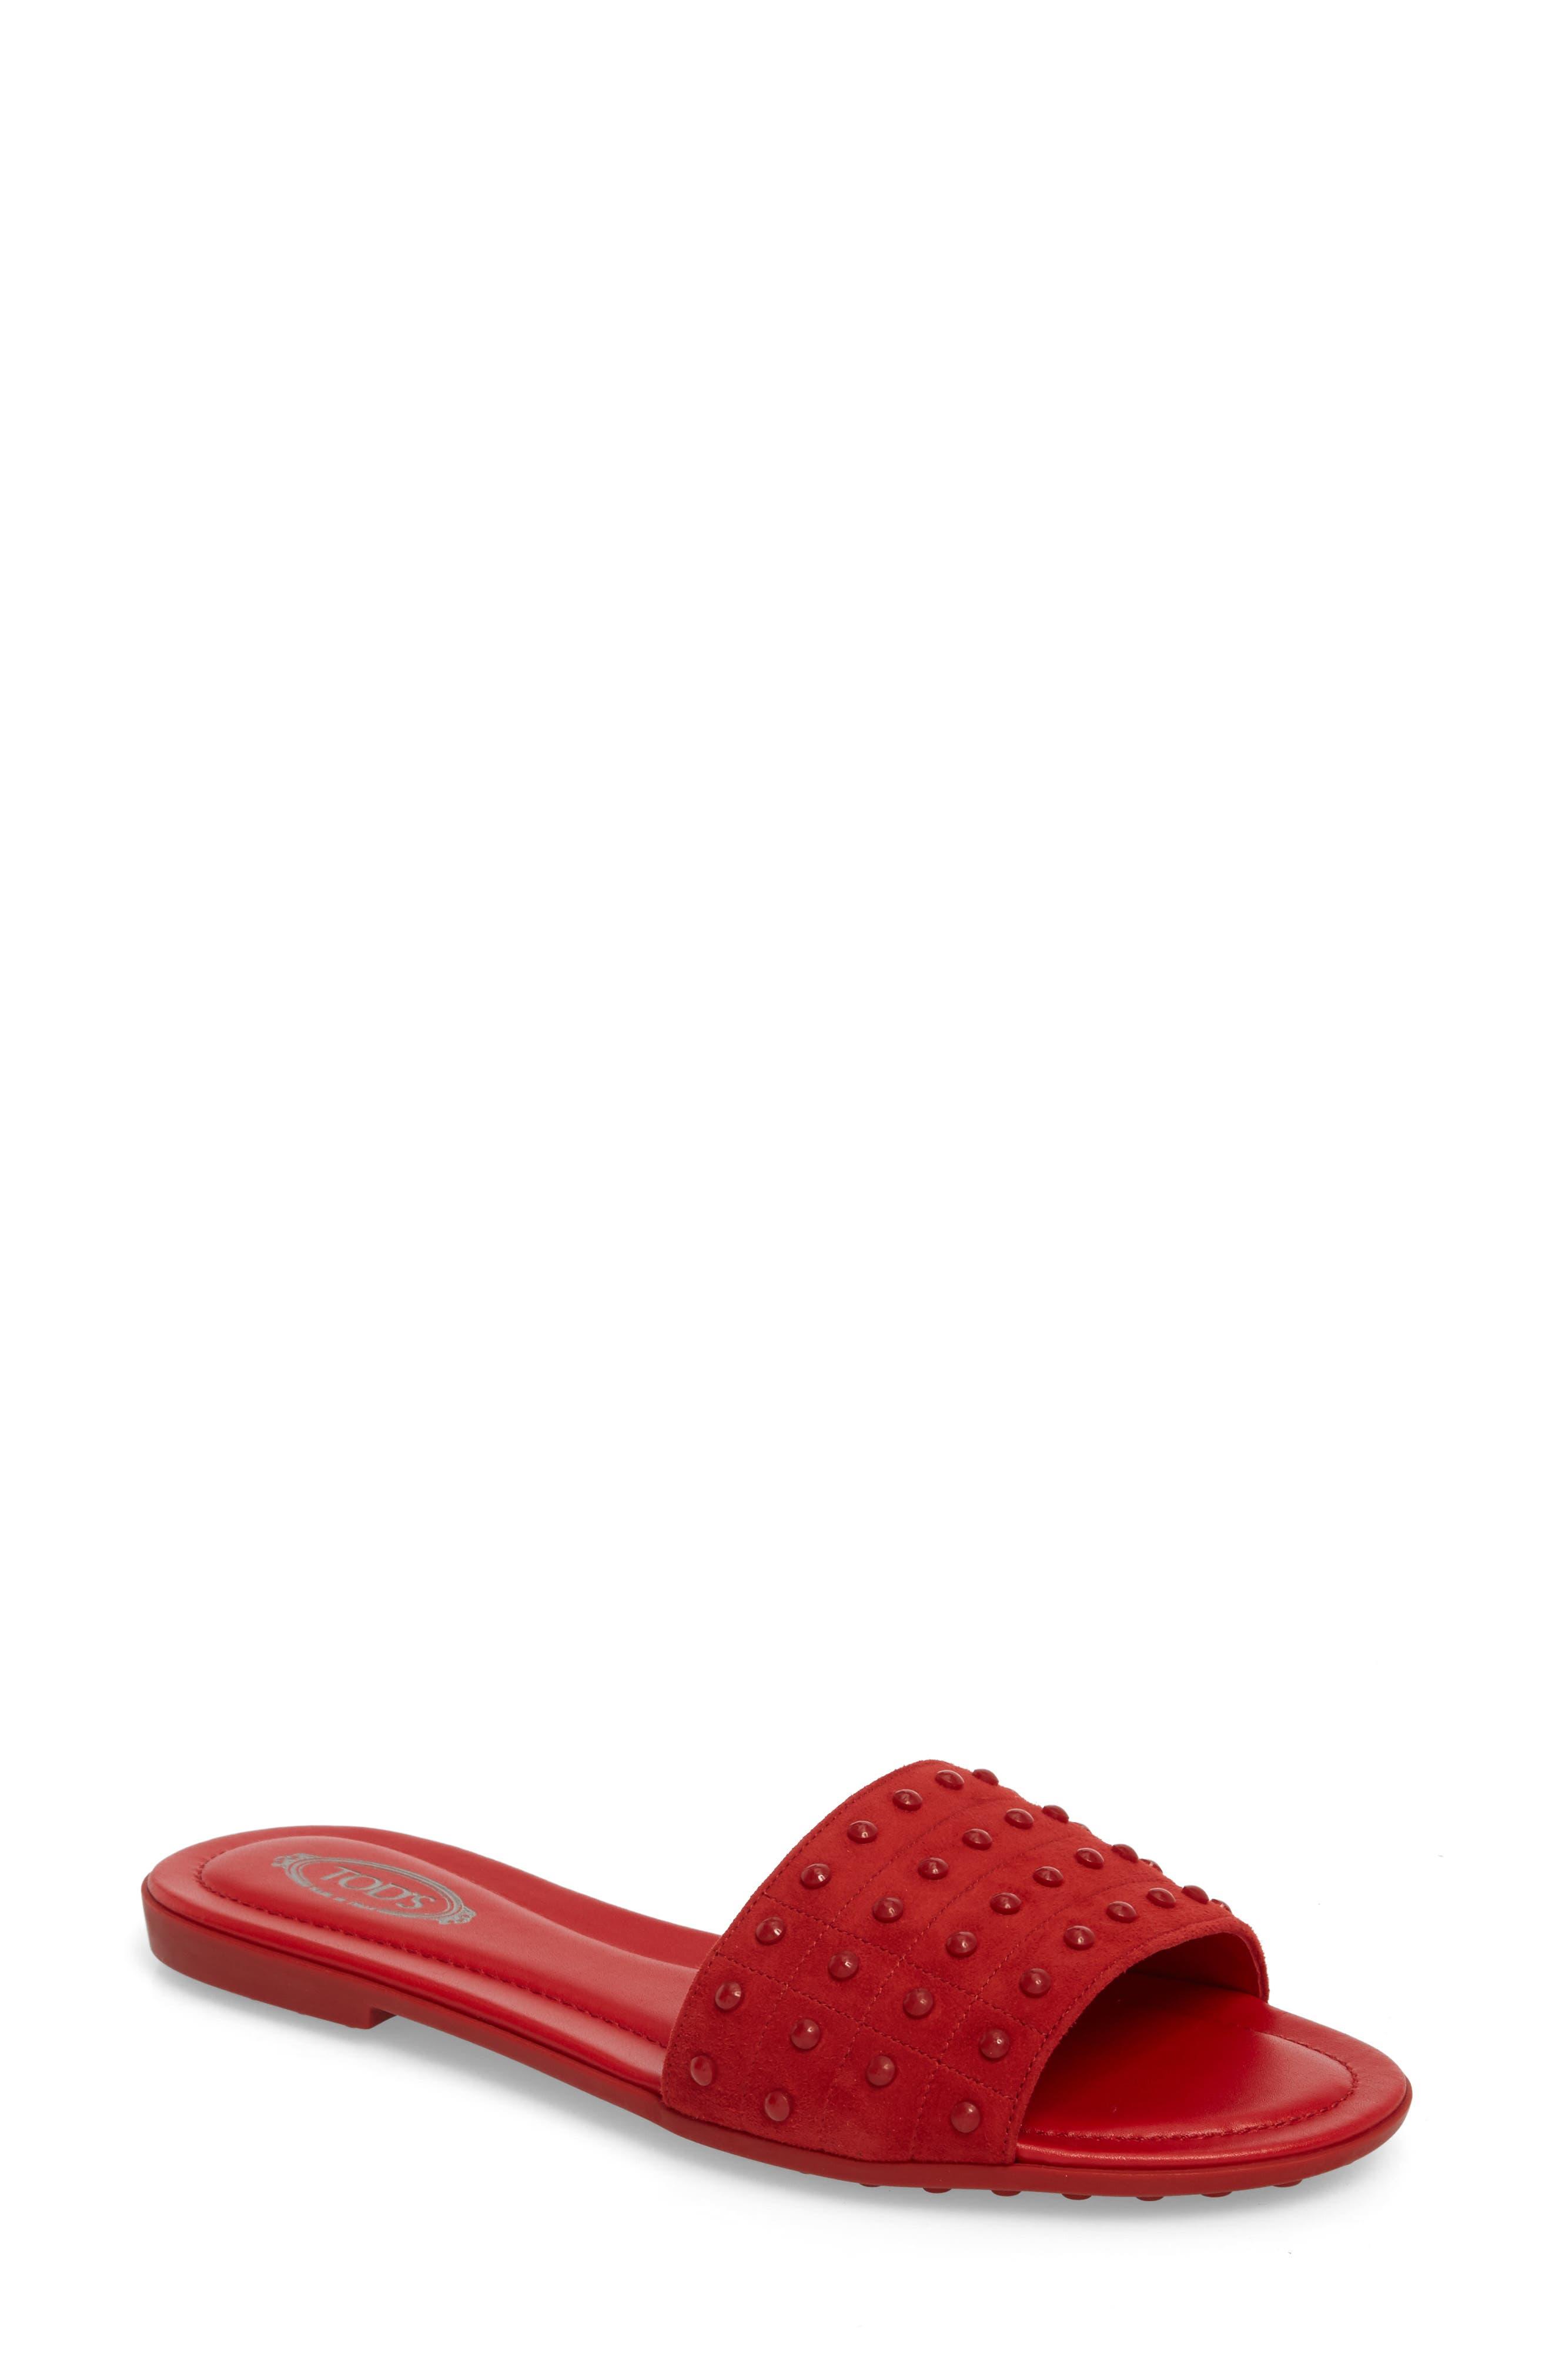 Gommini Slide Sandal,                             Main thumbnail 4, color,